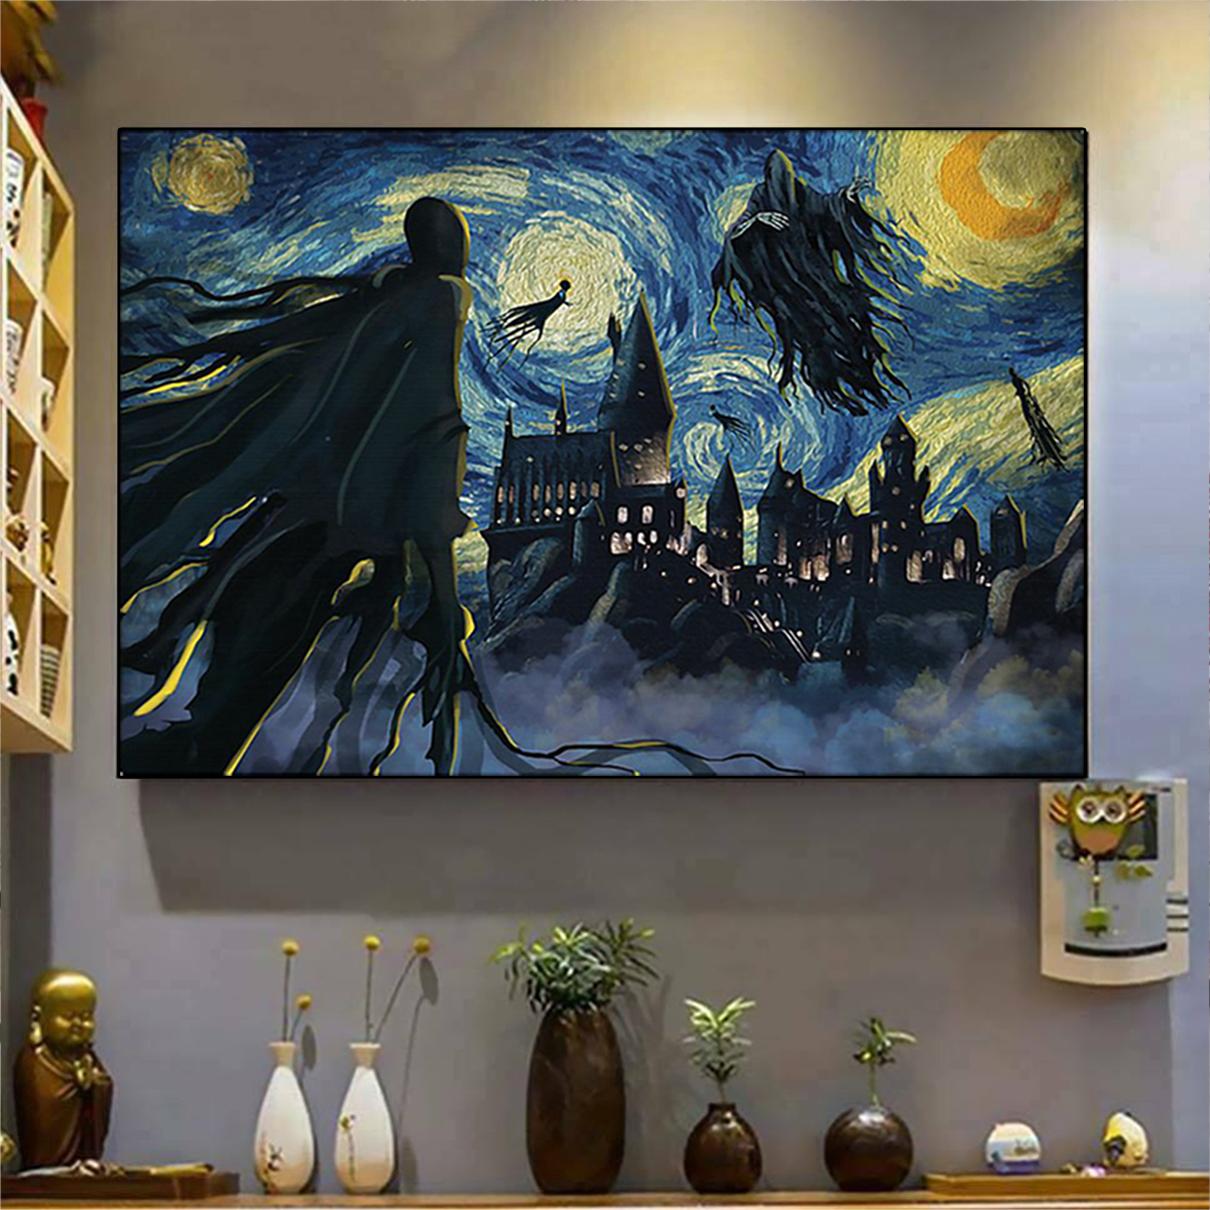 Dementor hogwarts starry night van gogh poster A3